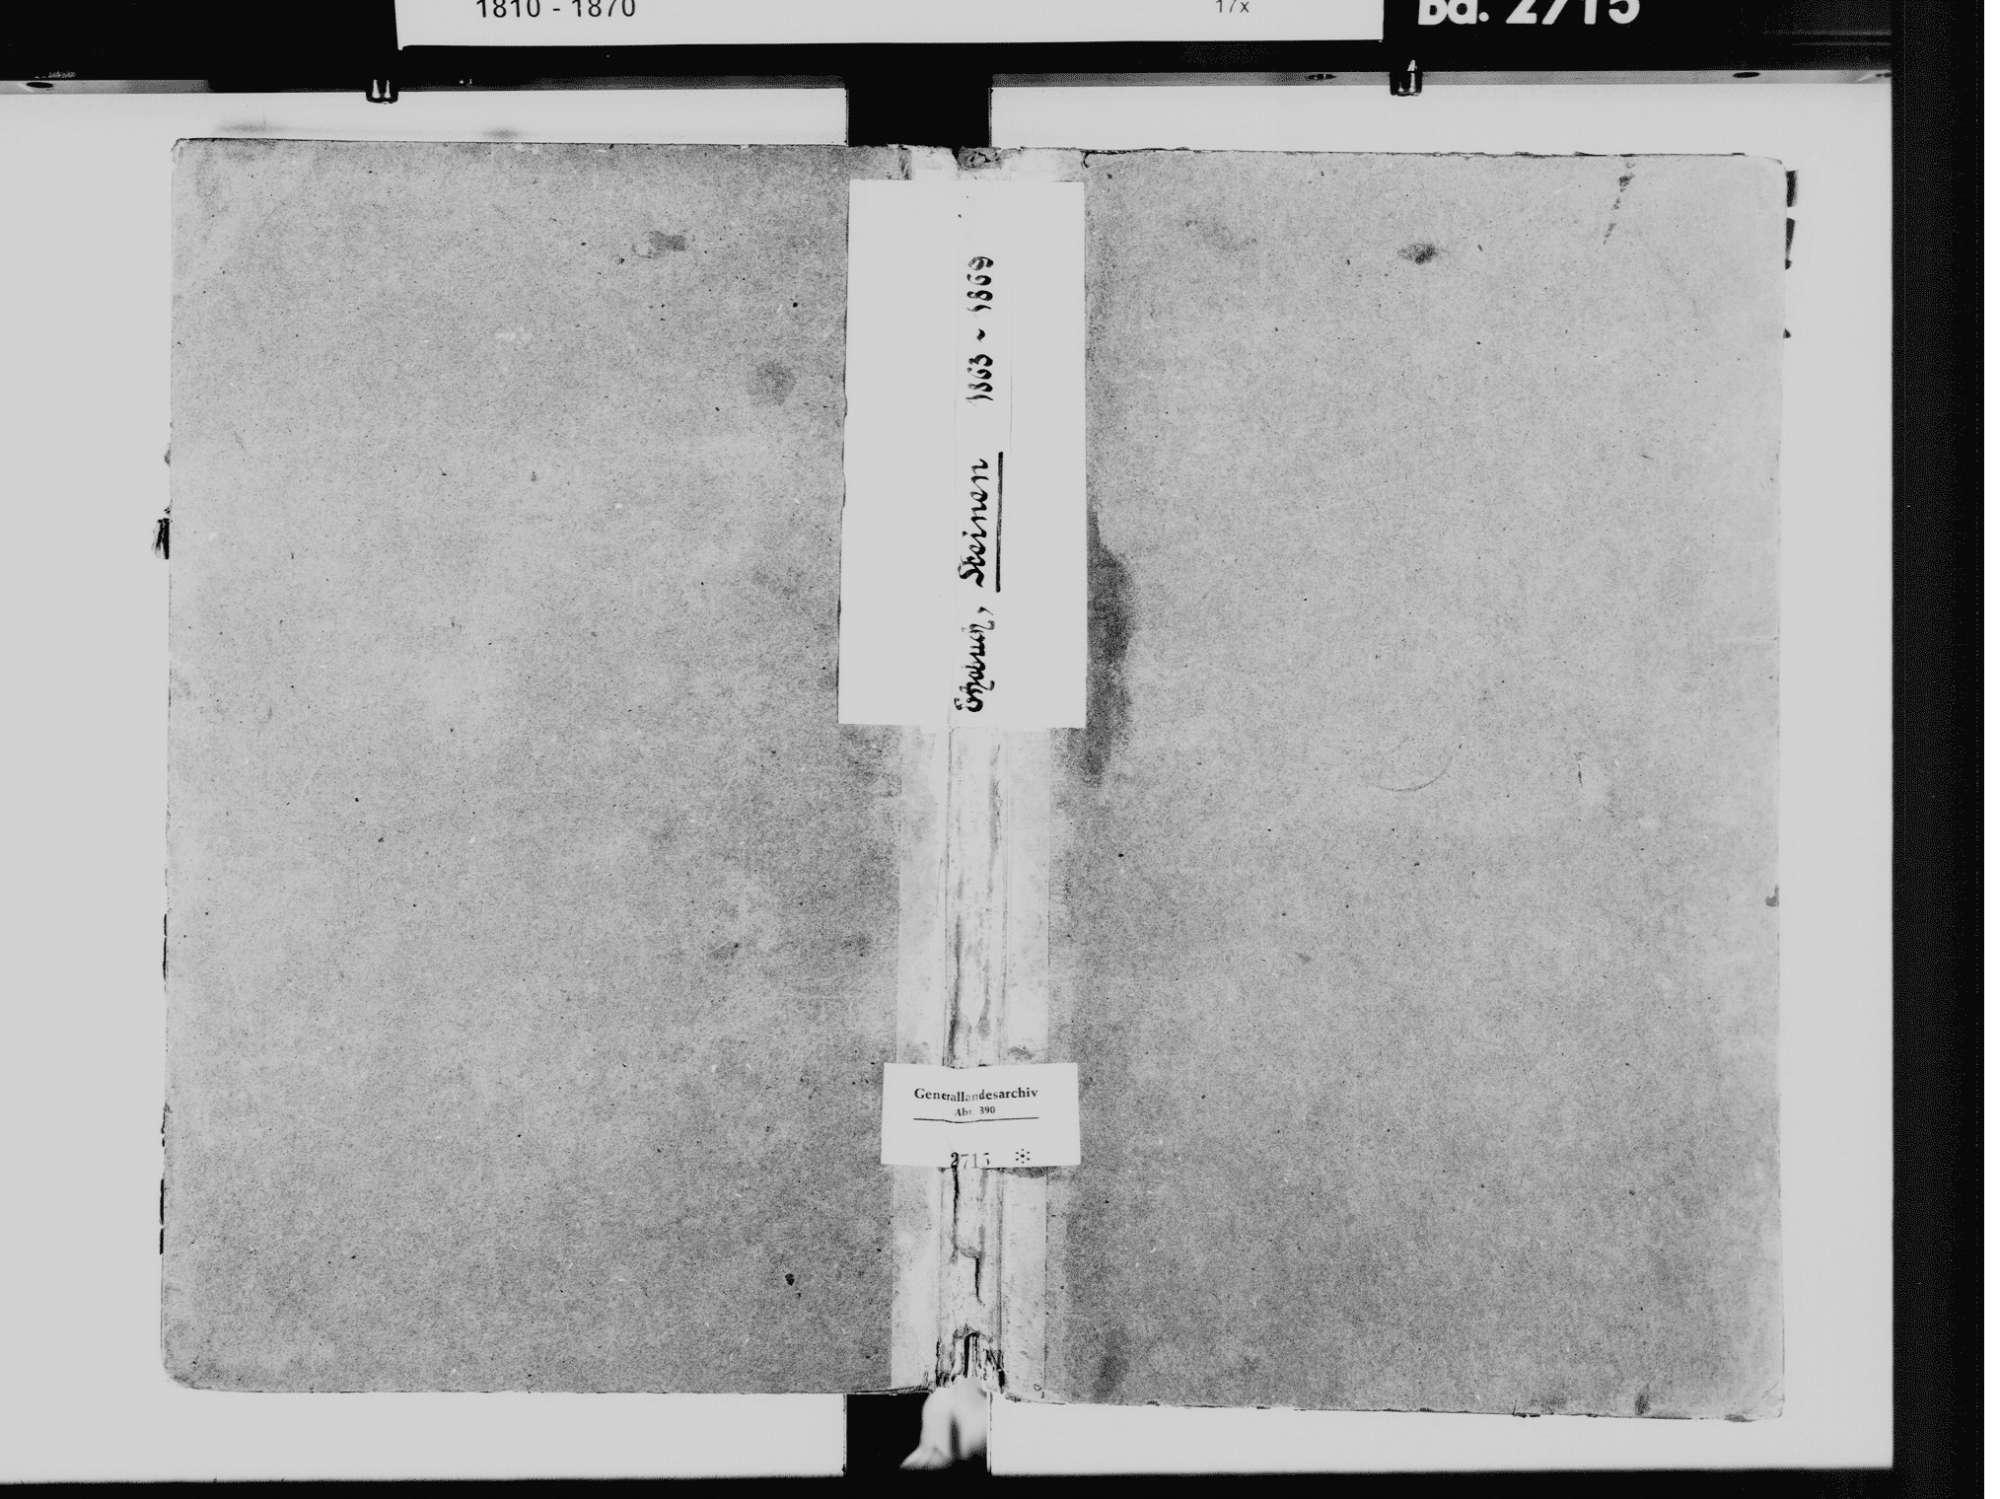 Steinen LÖ; Evangelische Gemeinde: Heiratsbuch 1863-1869 Enthält: Einzelne Katholische Einträge, Bild 2